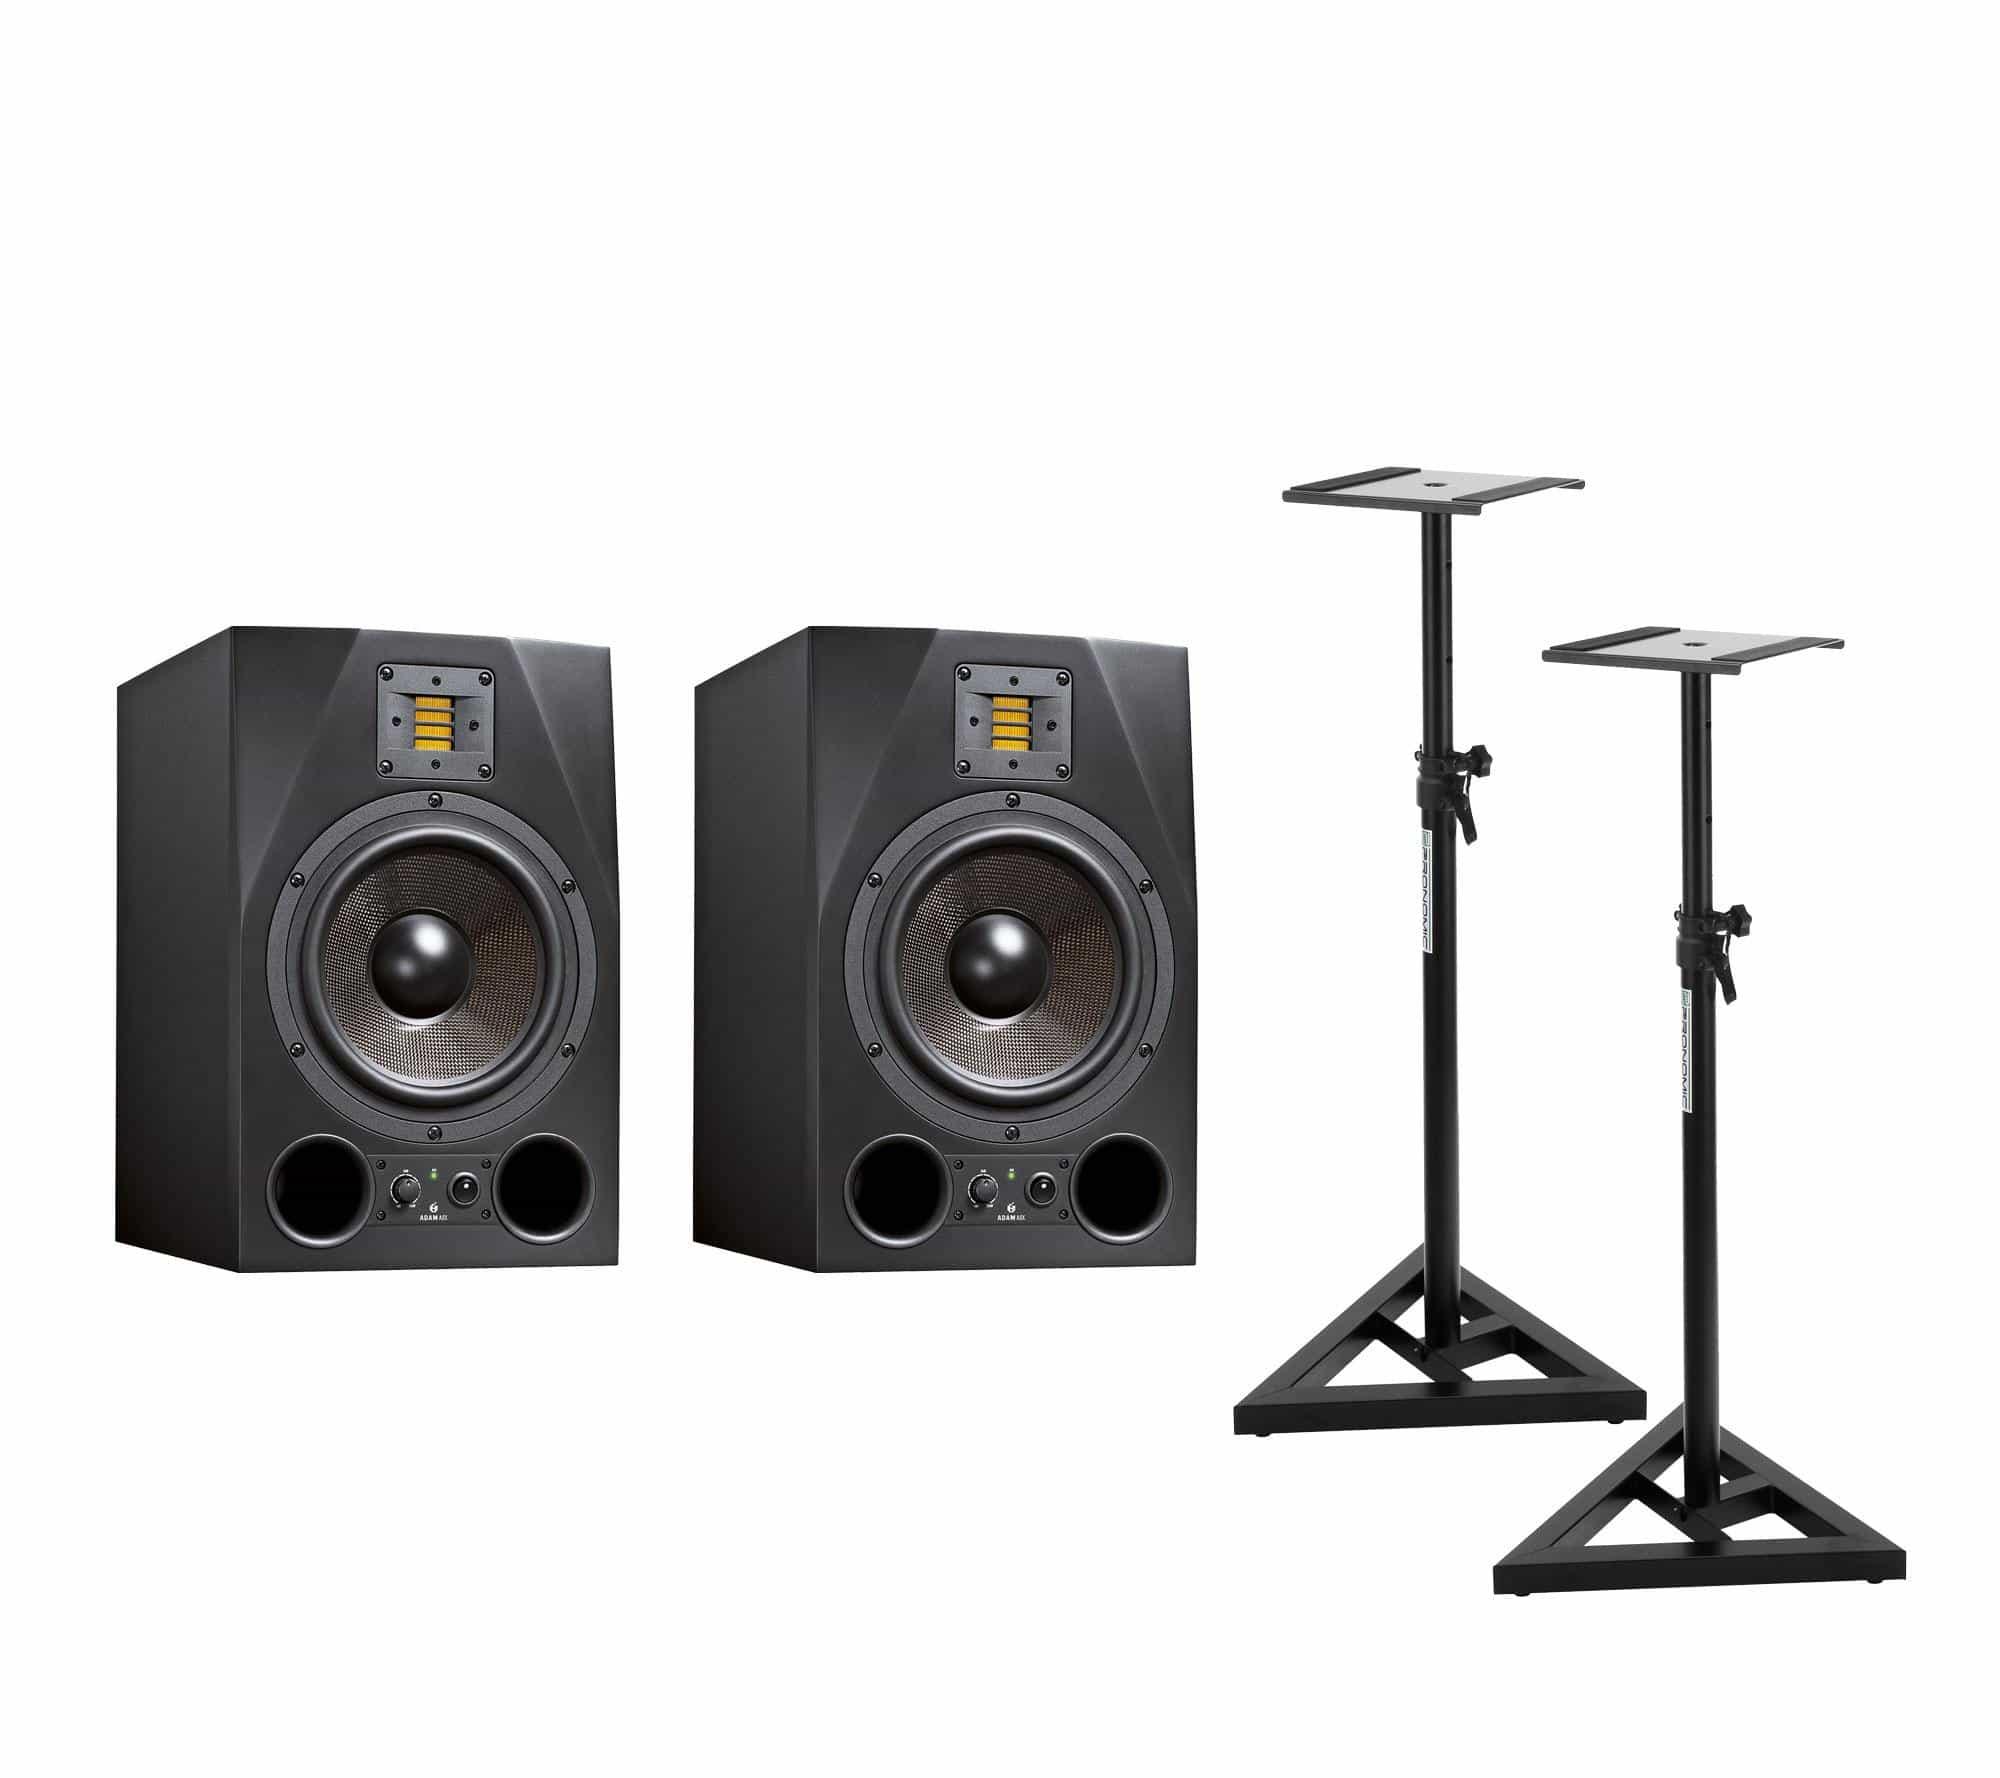 Studiomonitore - Adam Audio A8X Stativ Bundle - Onlineshop Musikhaus Kirstein